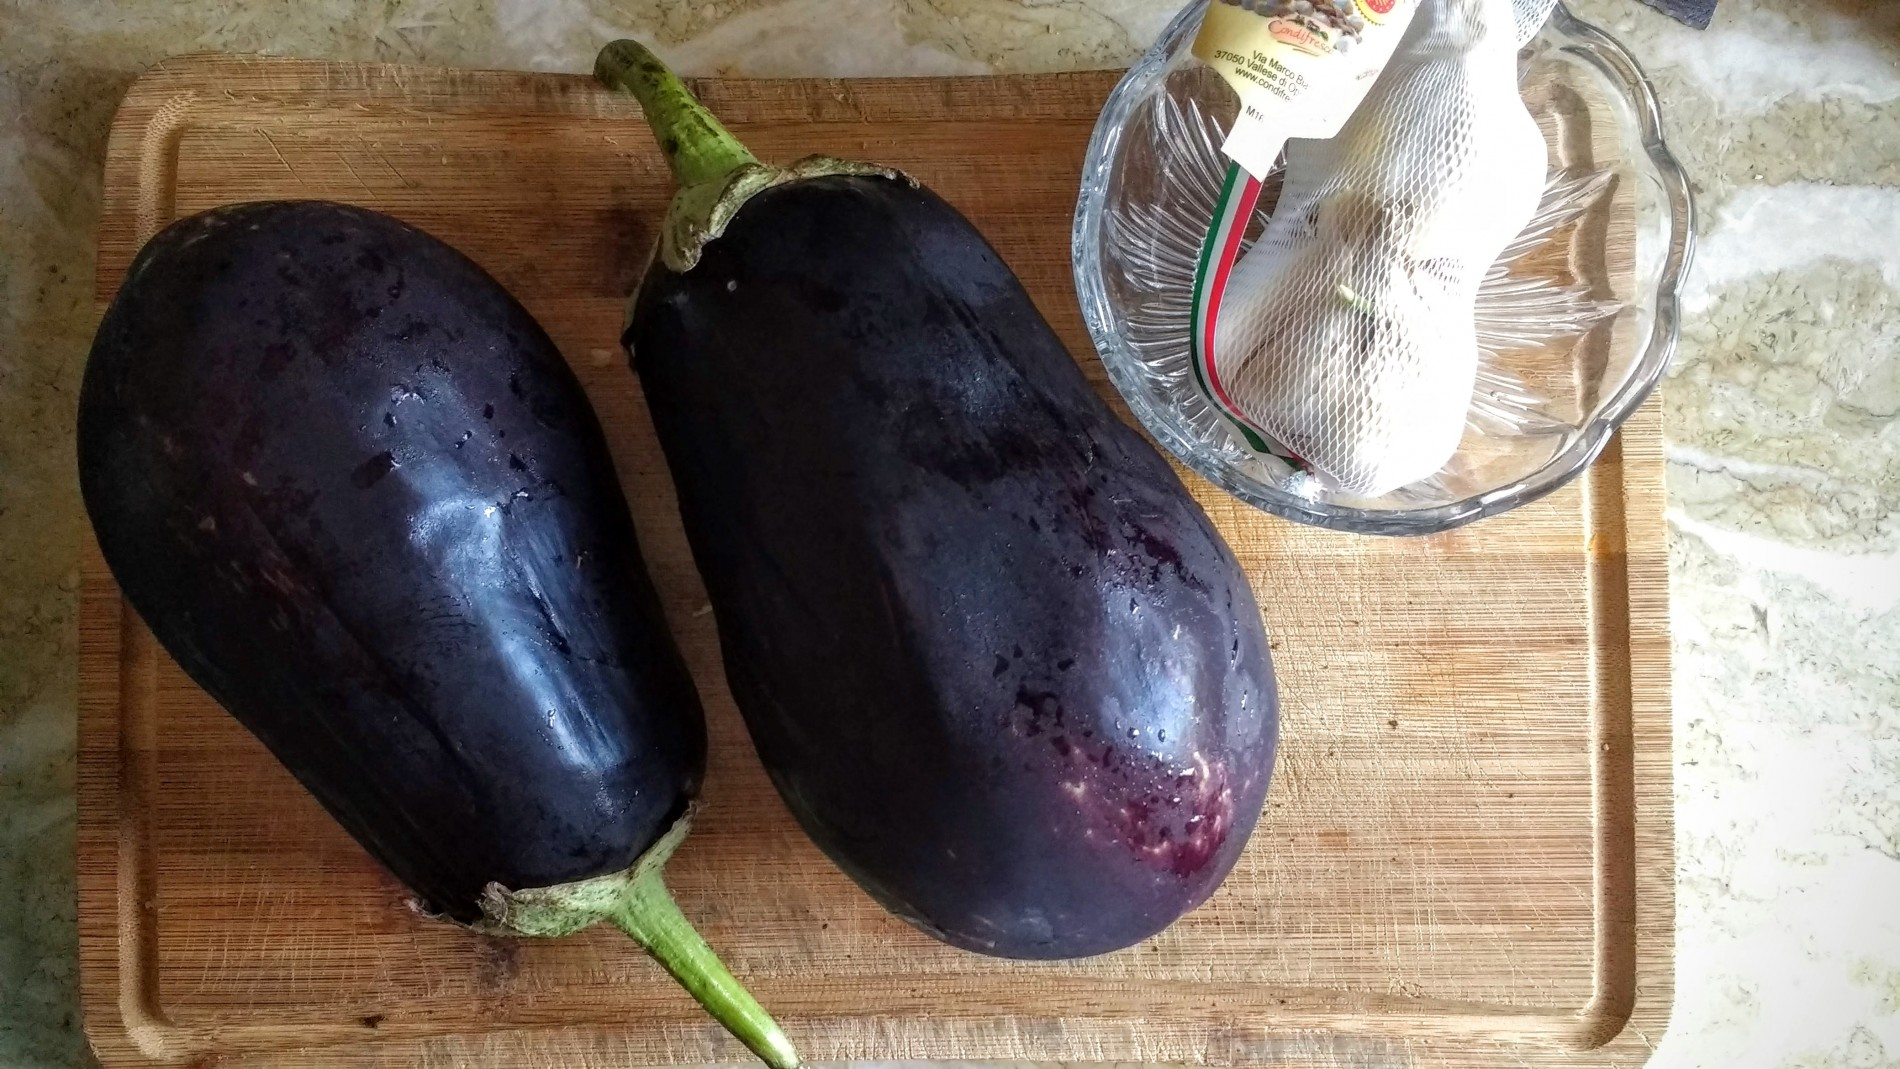 Le vostre melanzane dovranno essere belle mature, di un viola scuro intenso, sode e con la buccia liscia senza ammaccature o macchie.